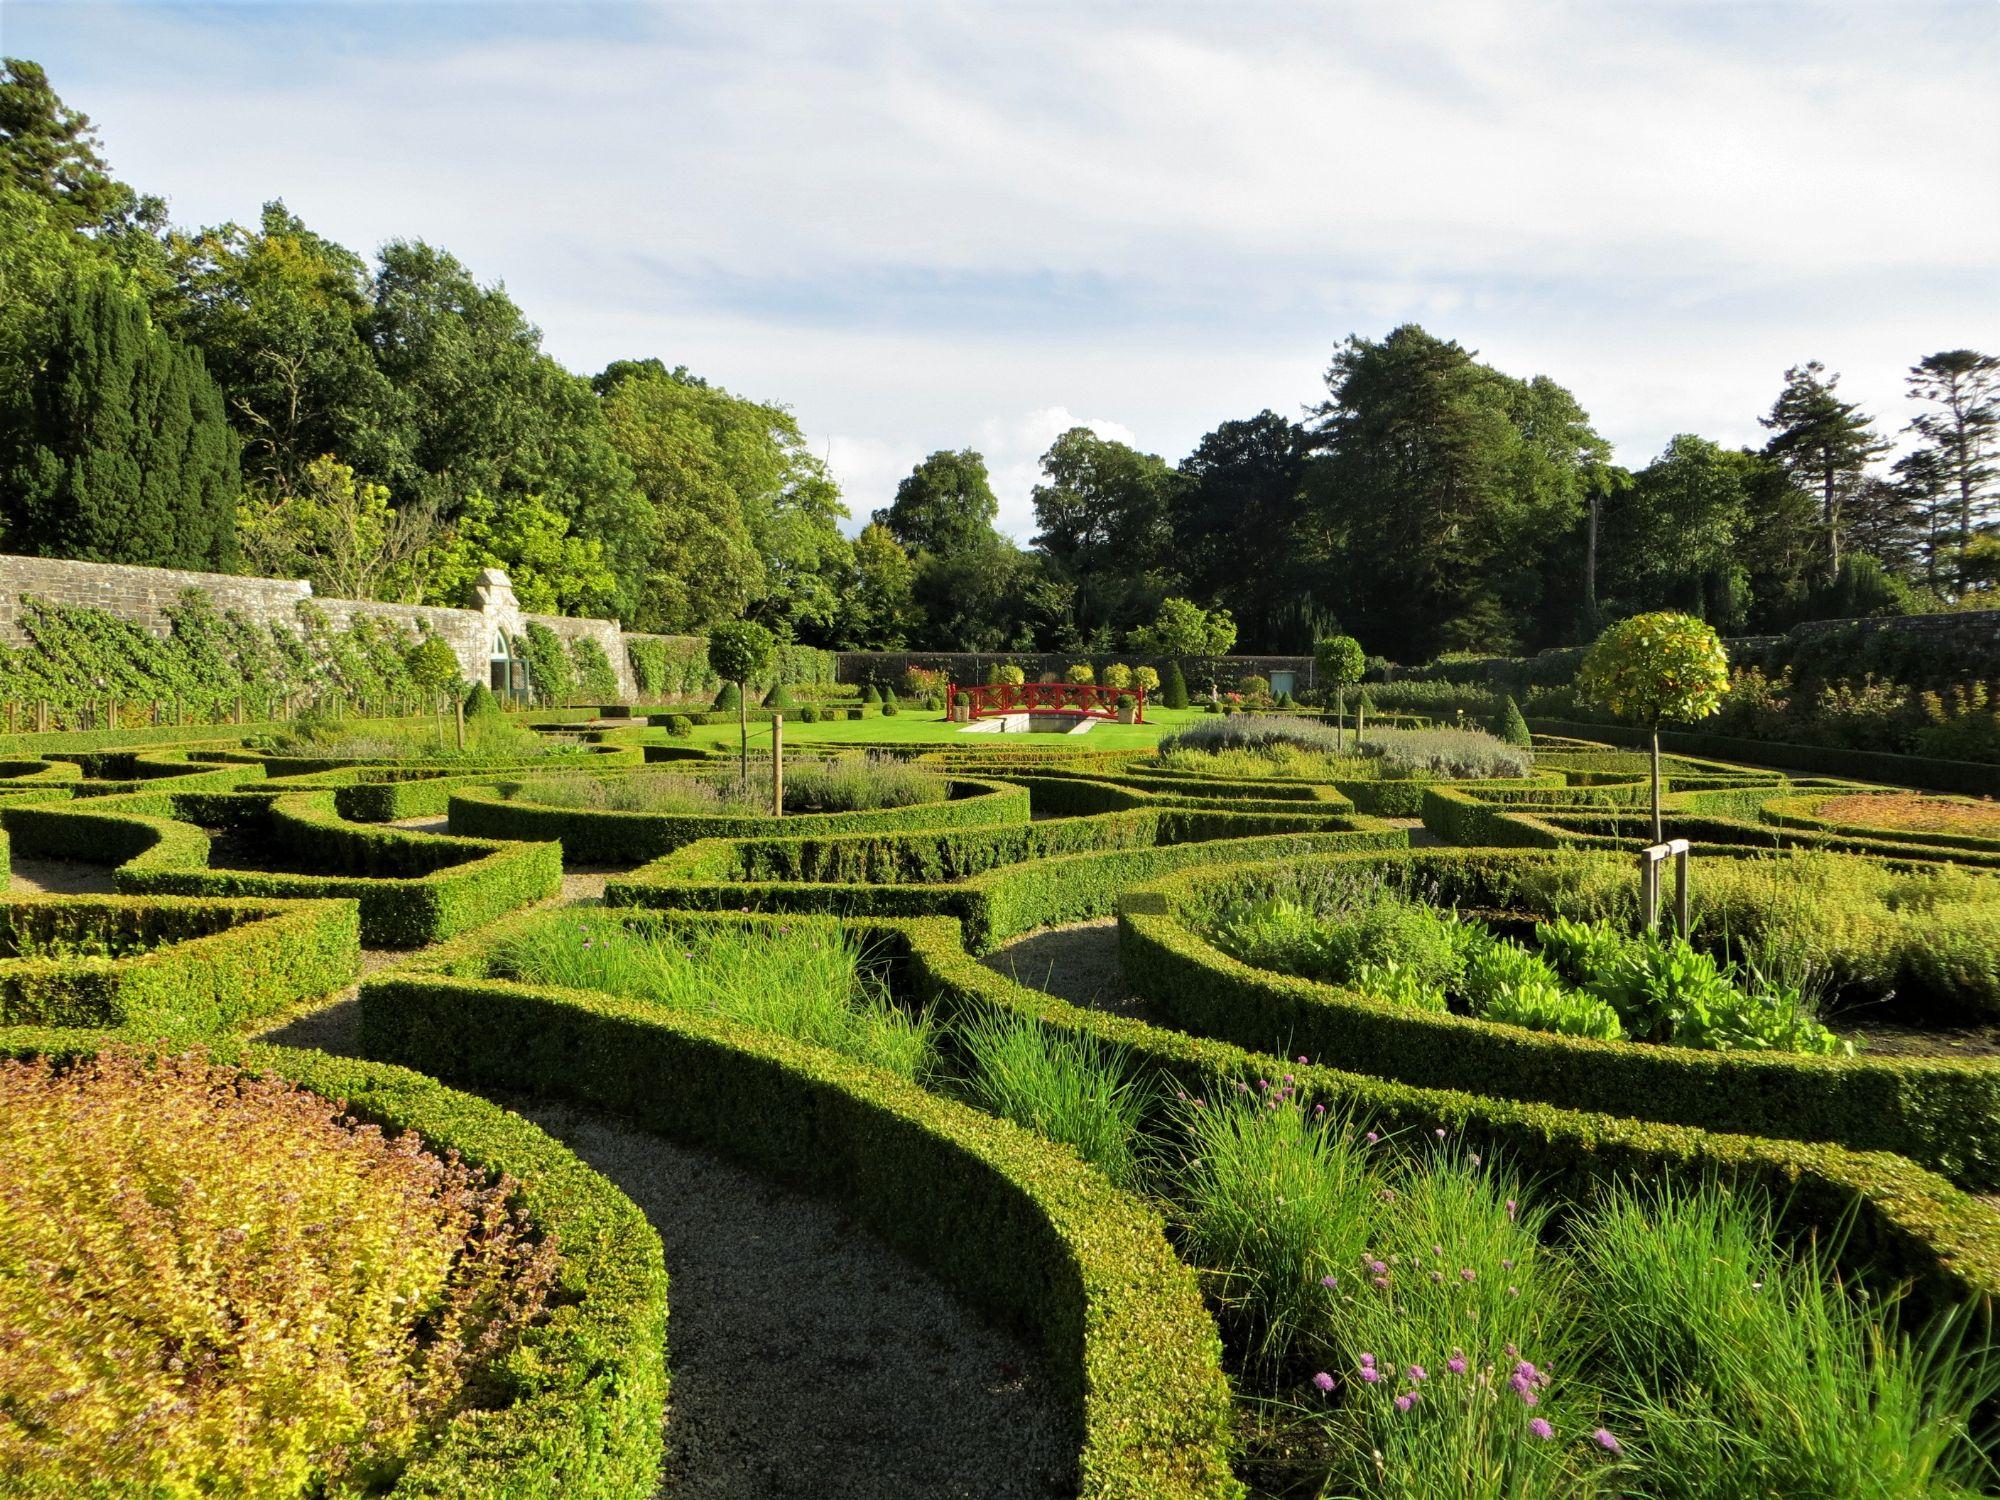 Lough Rynn Walled Garden